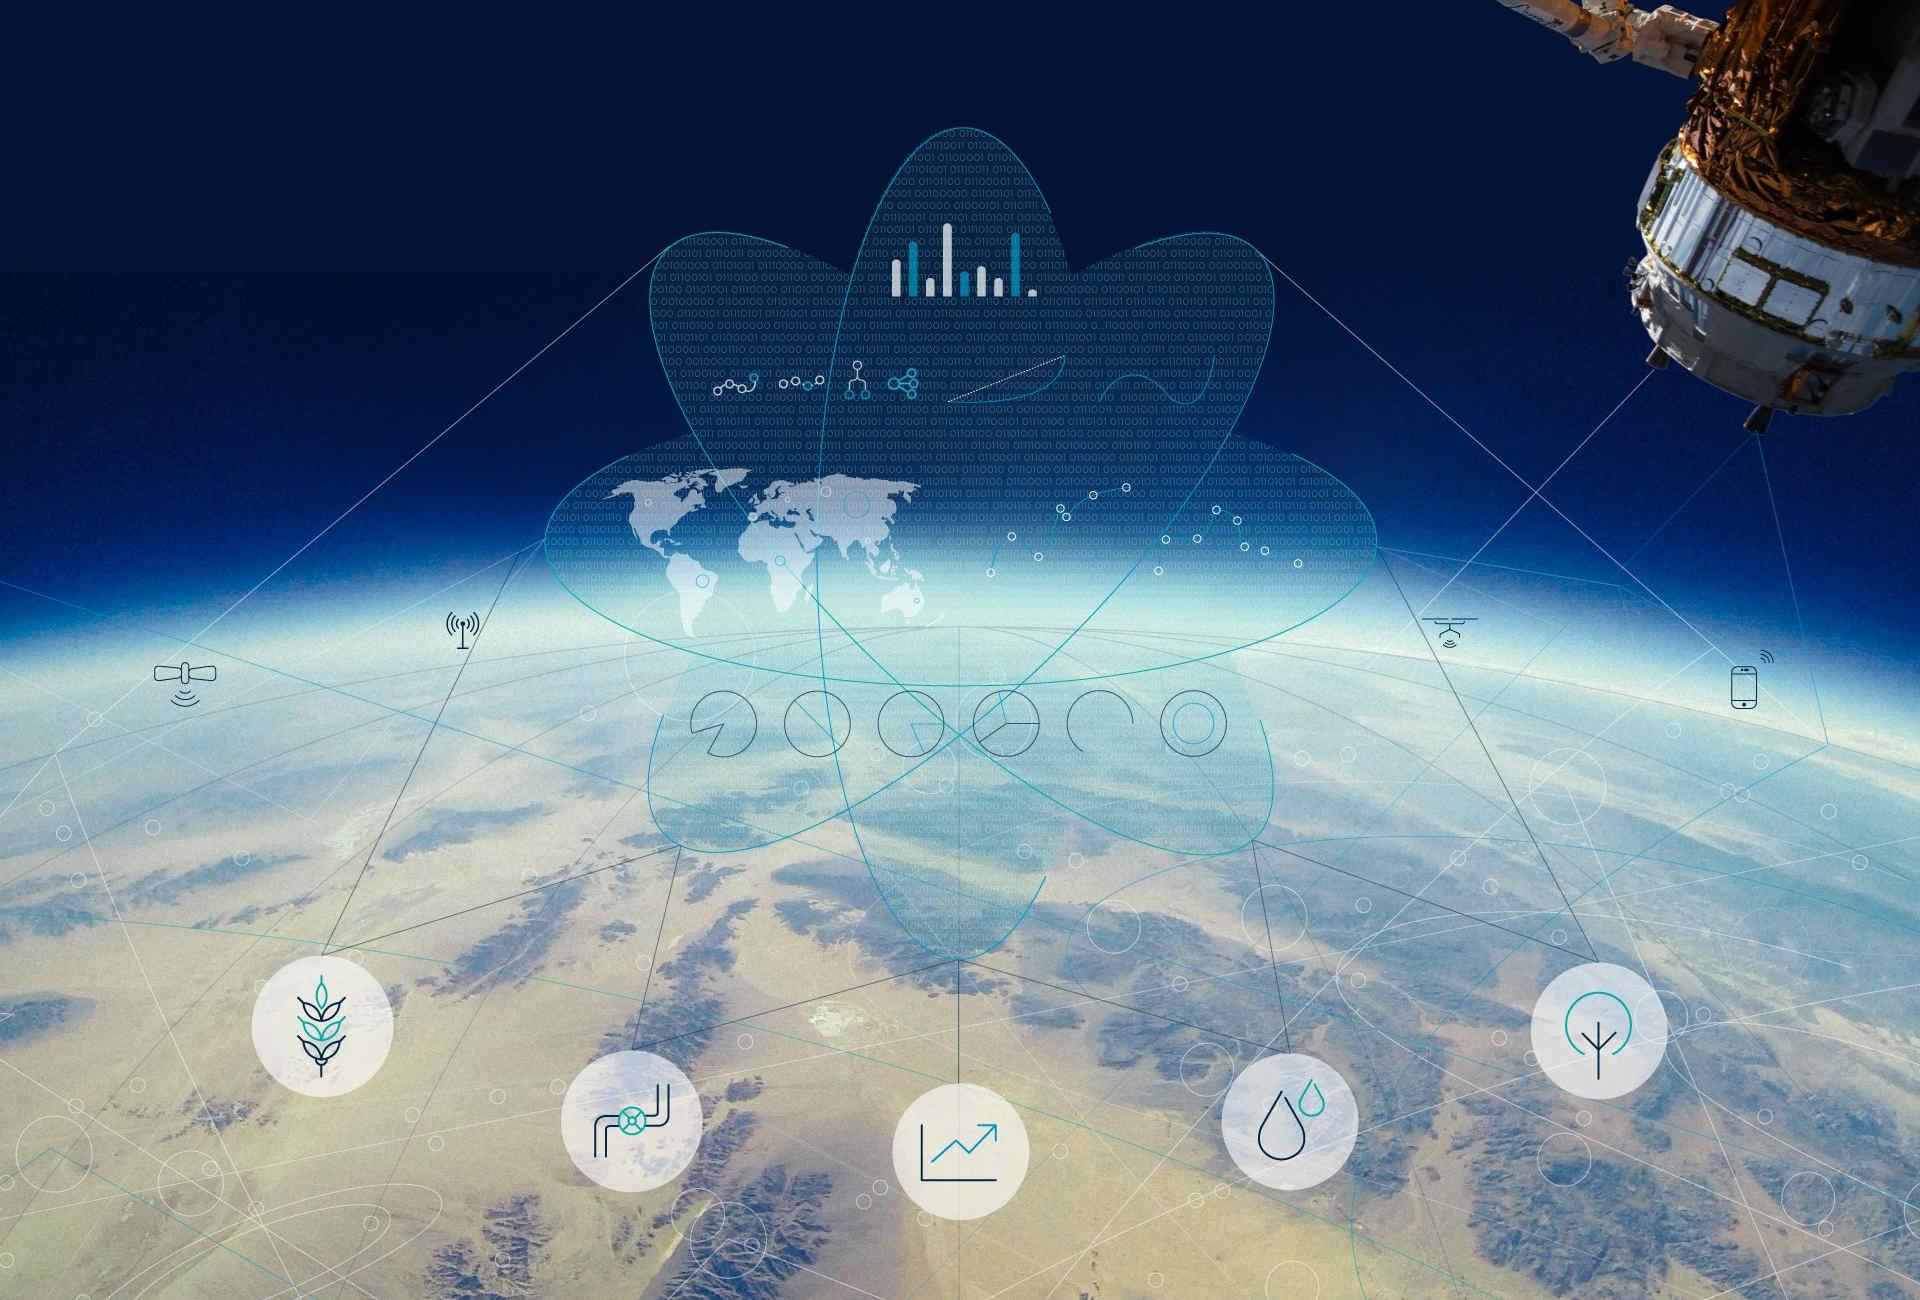 https://www.realwire.com/writeitfiles/Geospatial_data_analytics.jpg